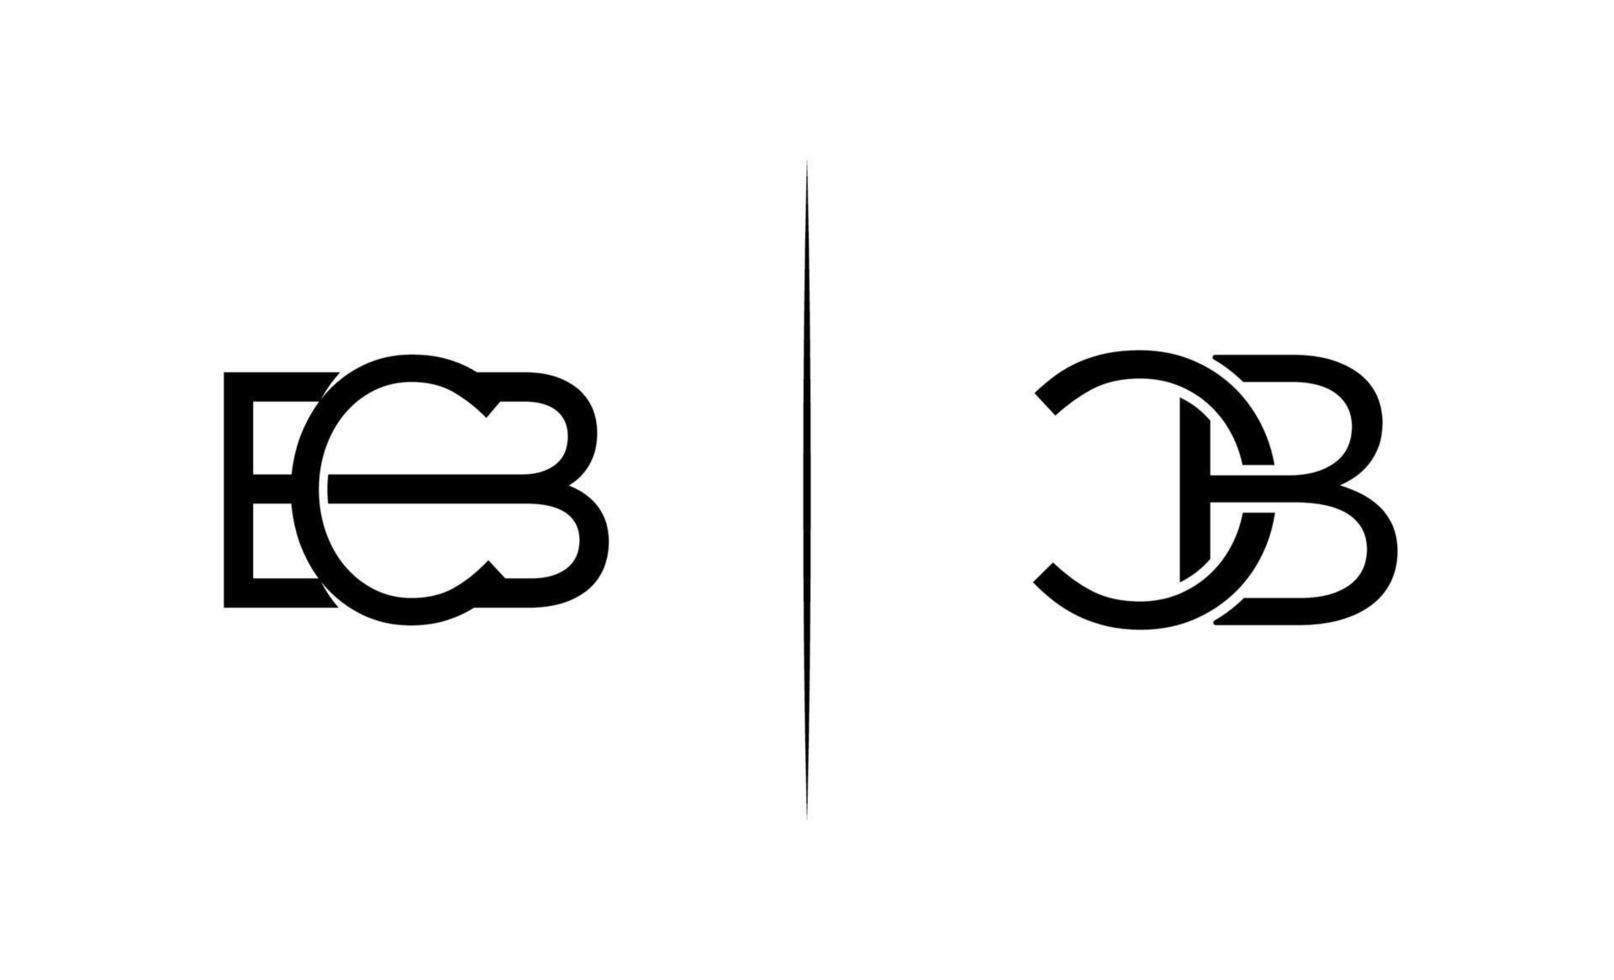 första cb-logotyp formgivningsmall vektor